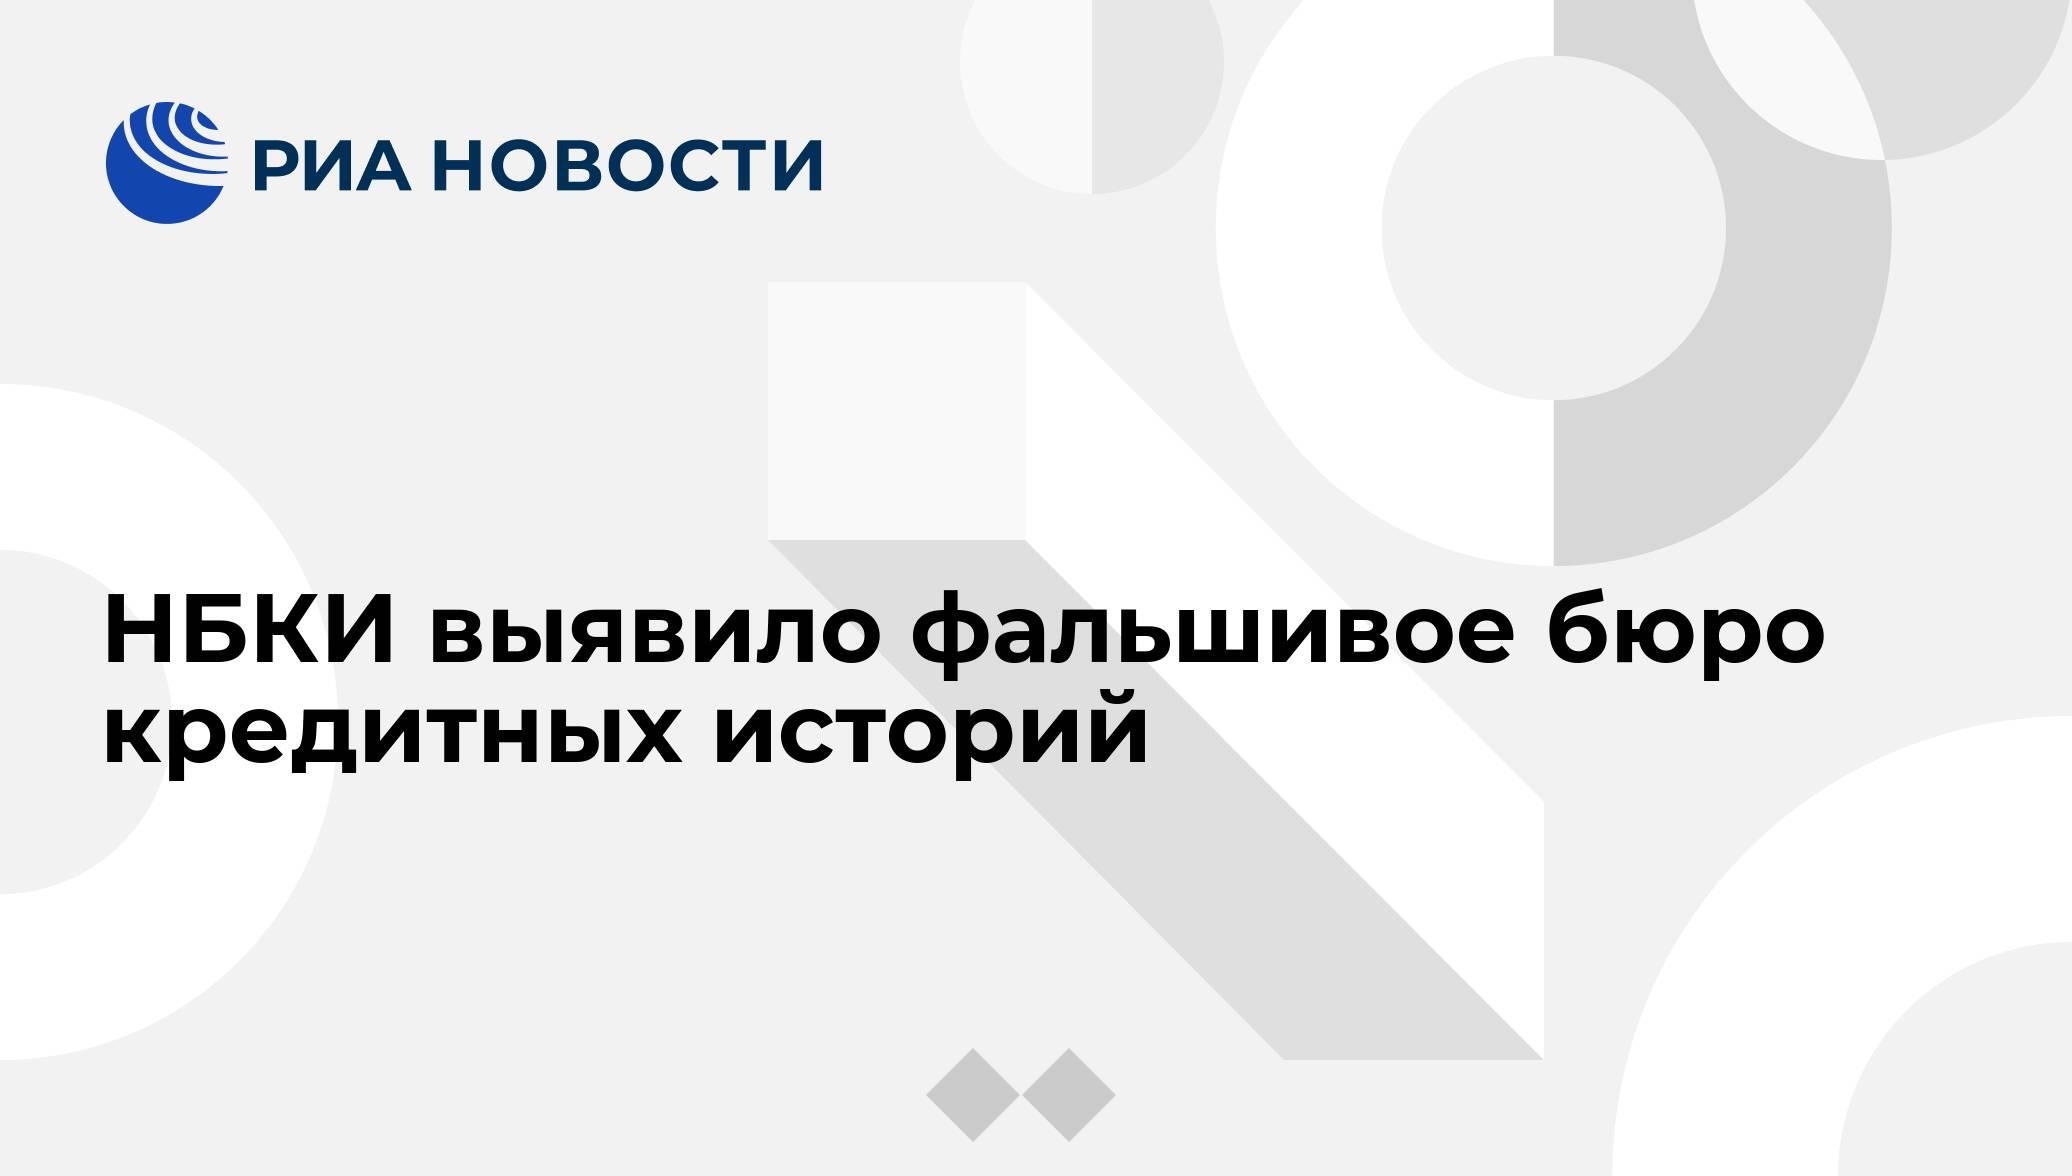 банки москвы которые дают кредит под залог недвижимость